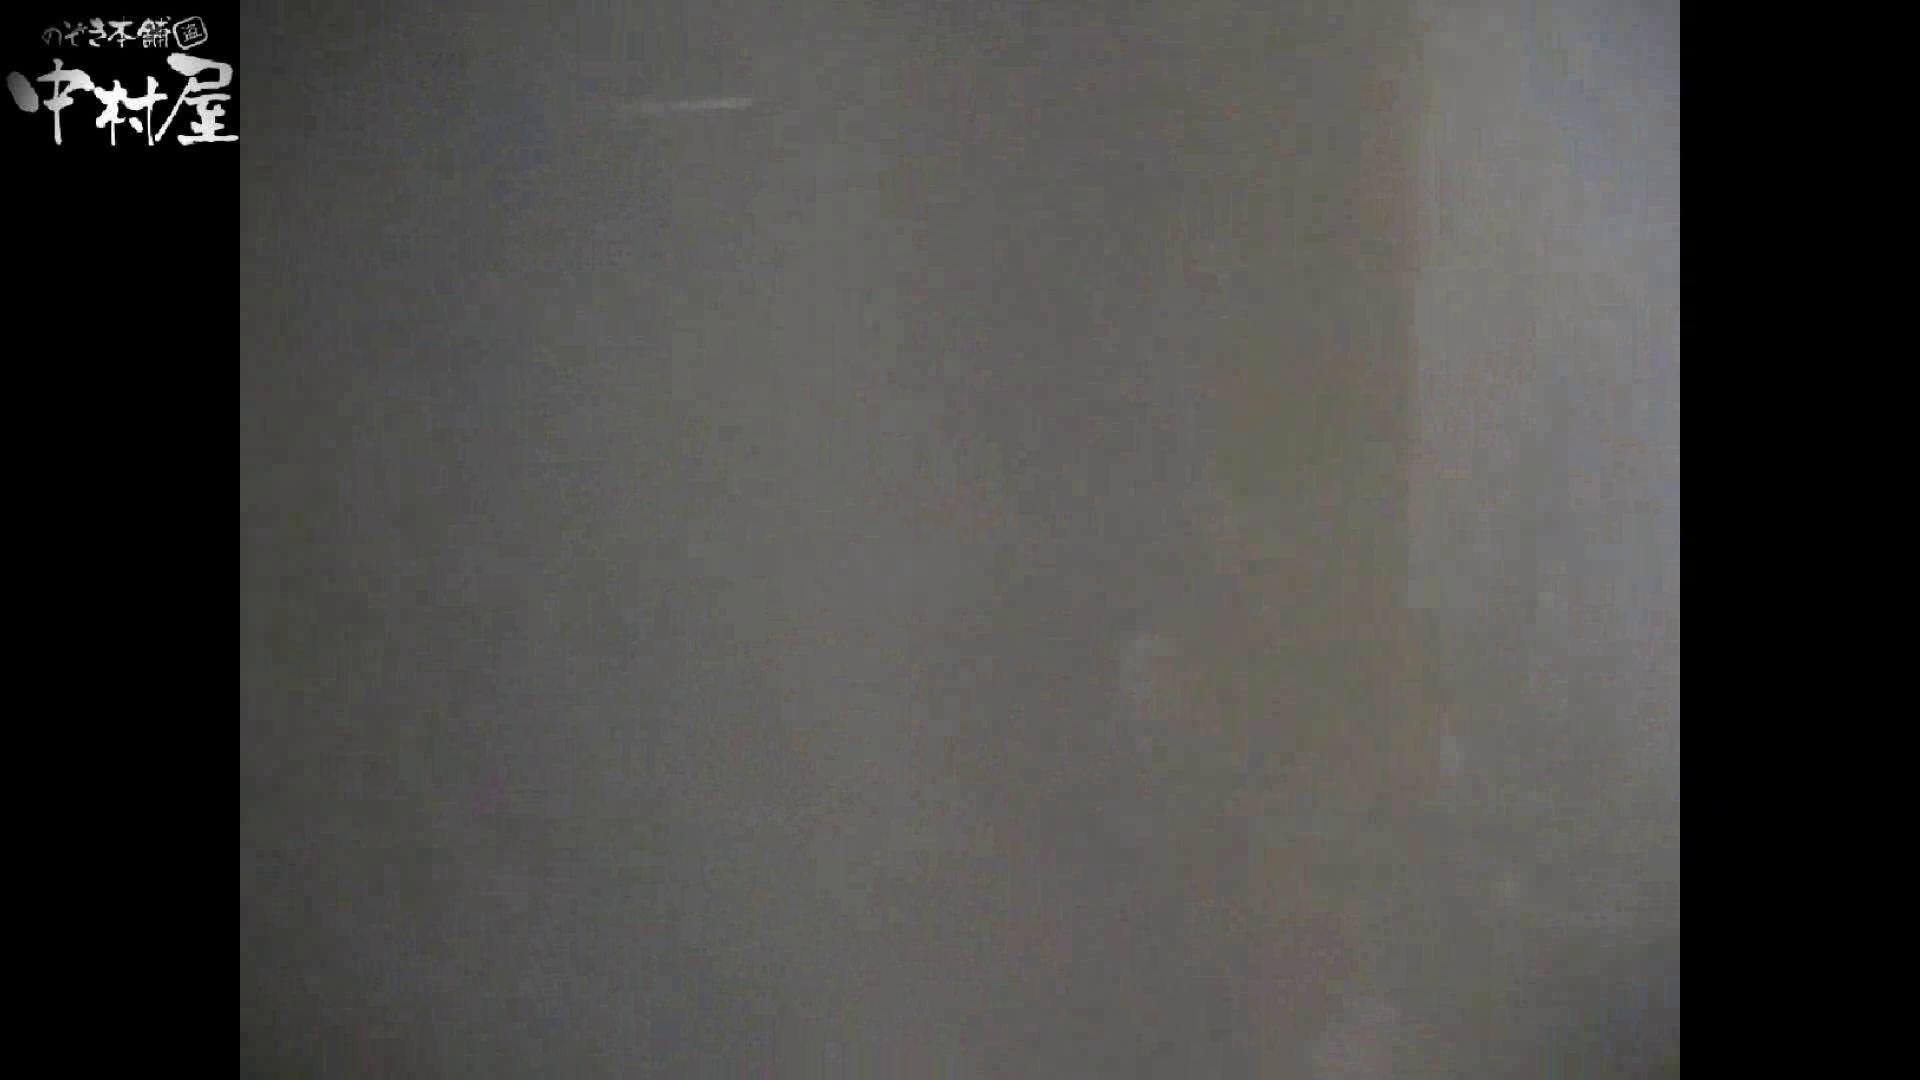 民家風呂専門盗撮師の超危険映像 vol.021 美女まとめ オメコ無修正動画無料 85PIX 72